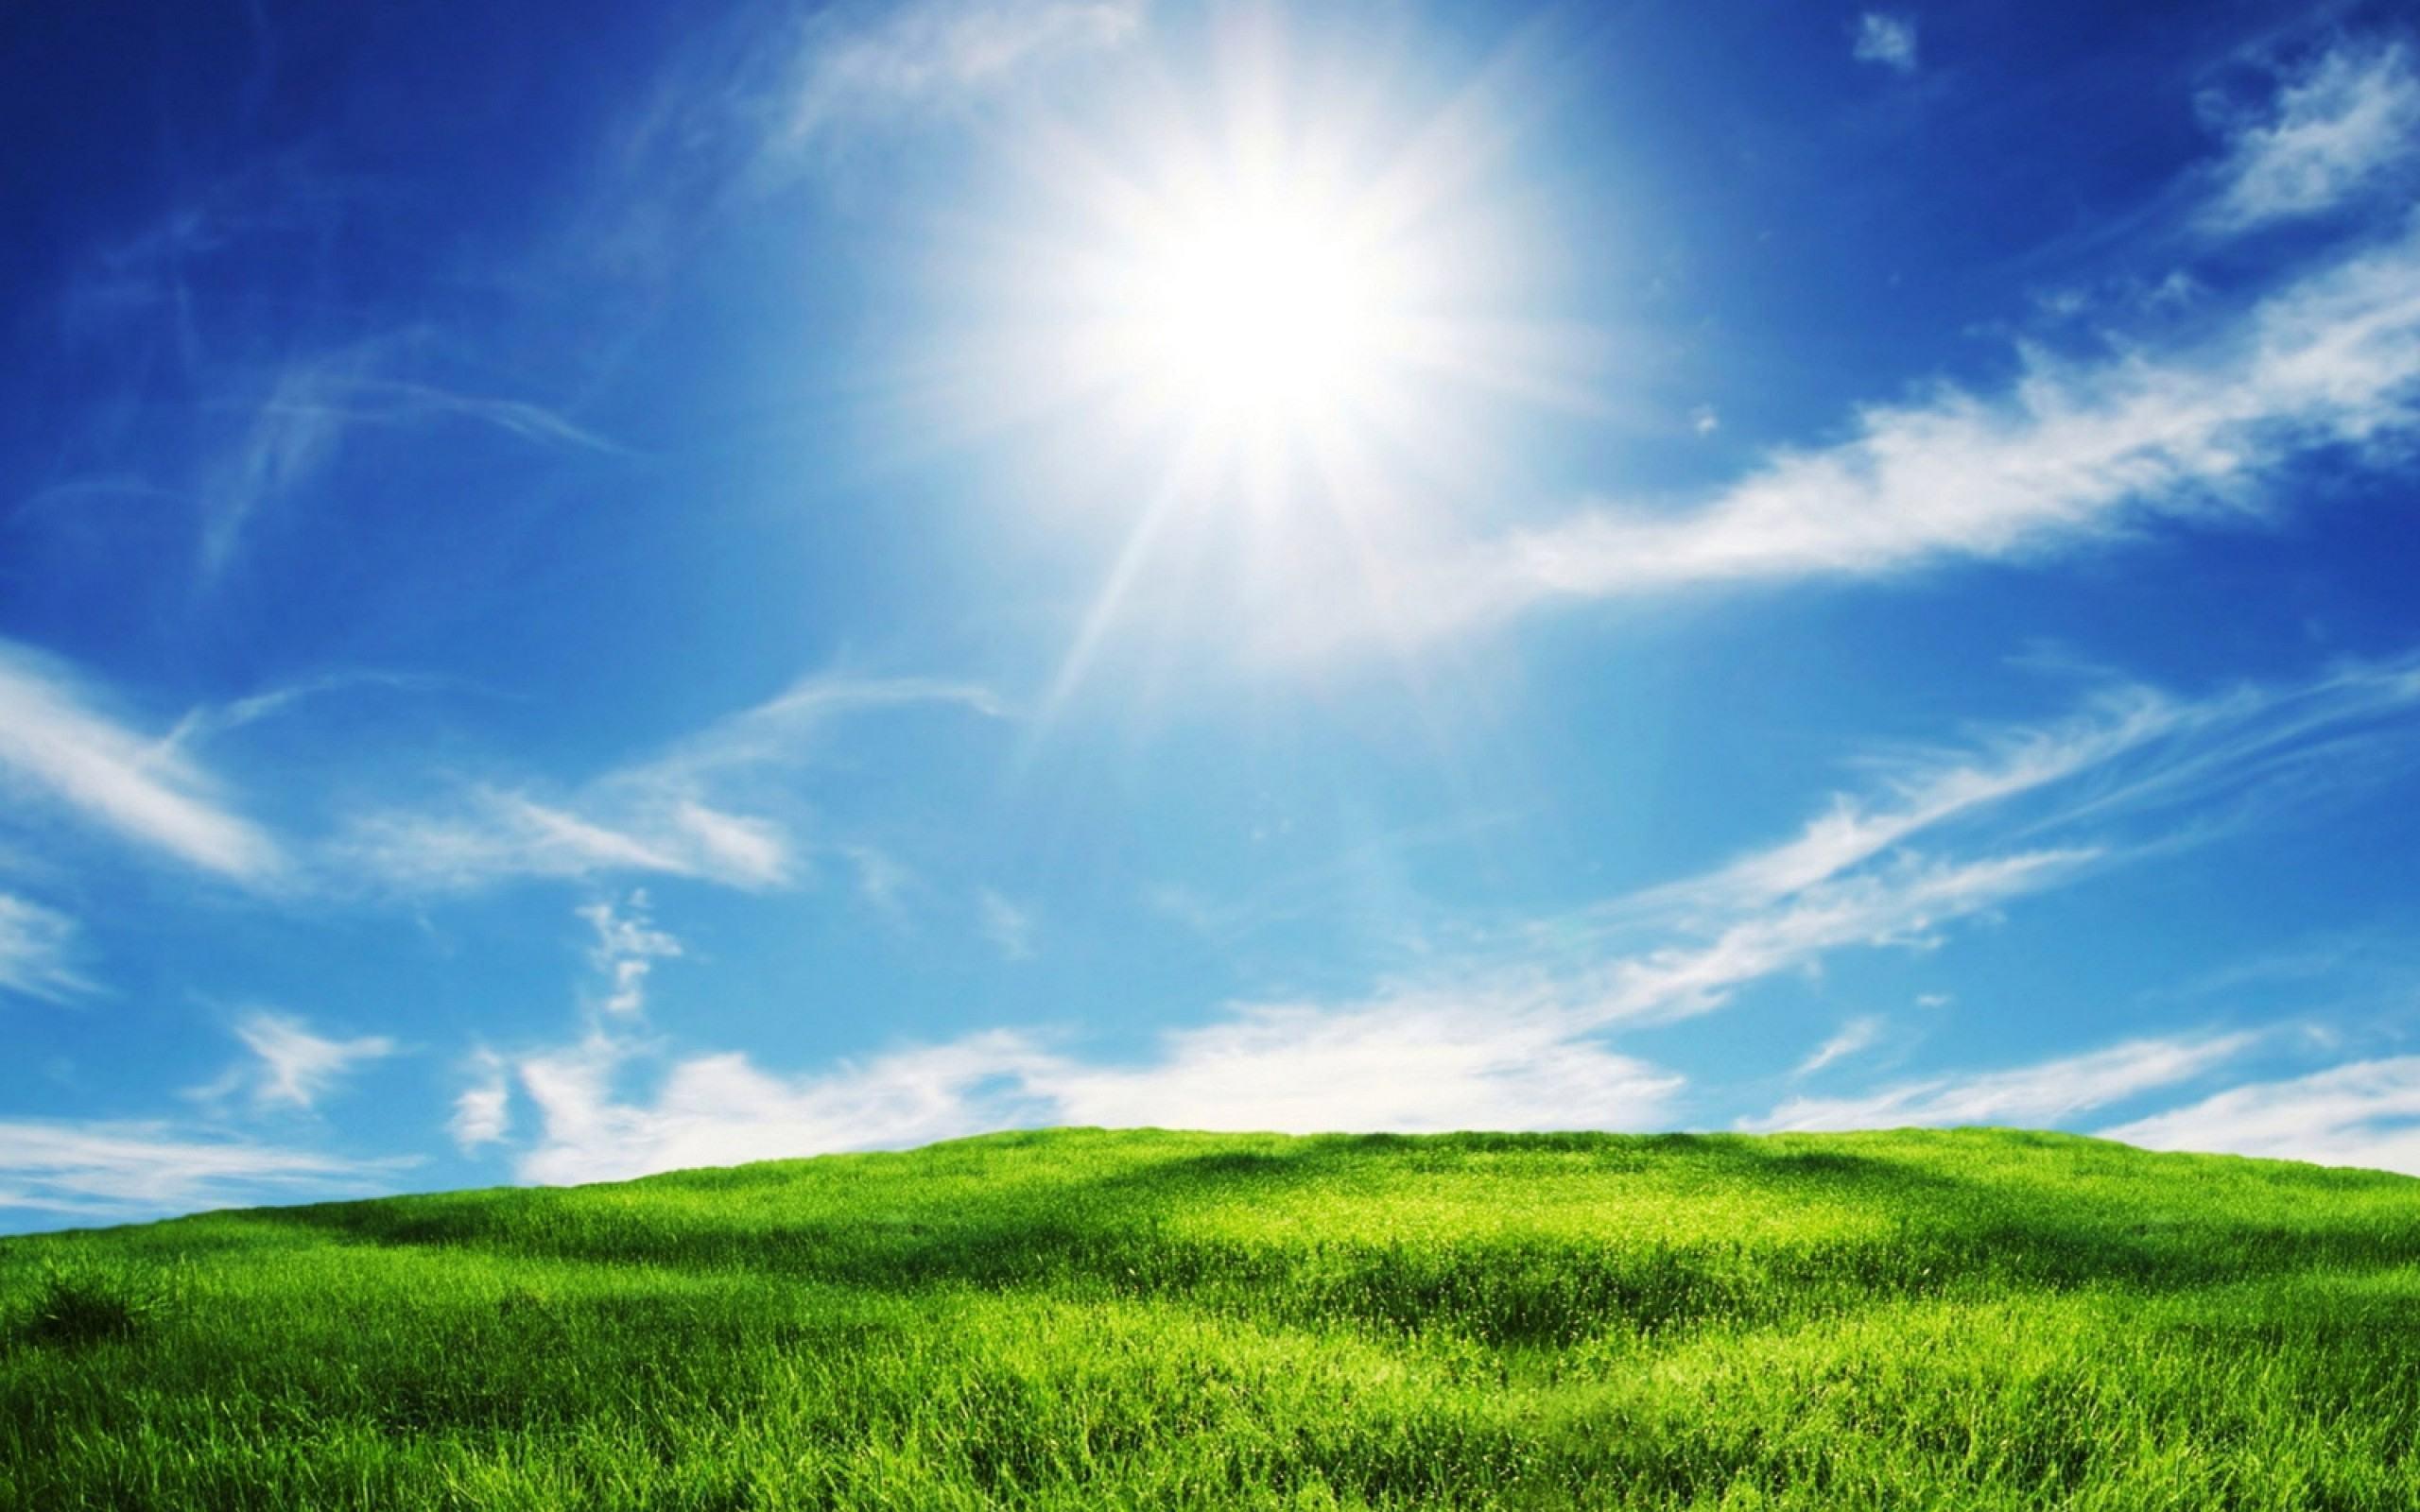 Bộ sưu tập hình ảnh bầu trời xanh đẹp nhất thế giới nhìn là mê ngay.